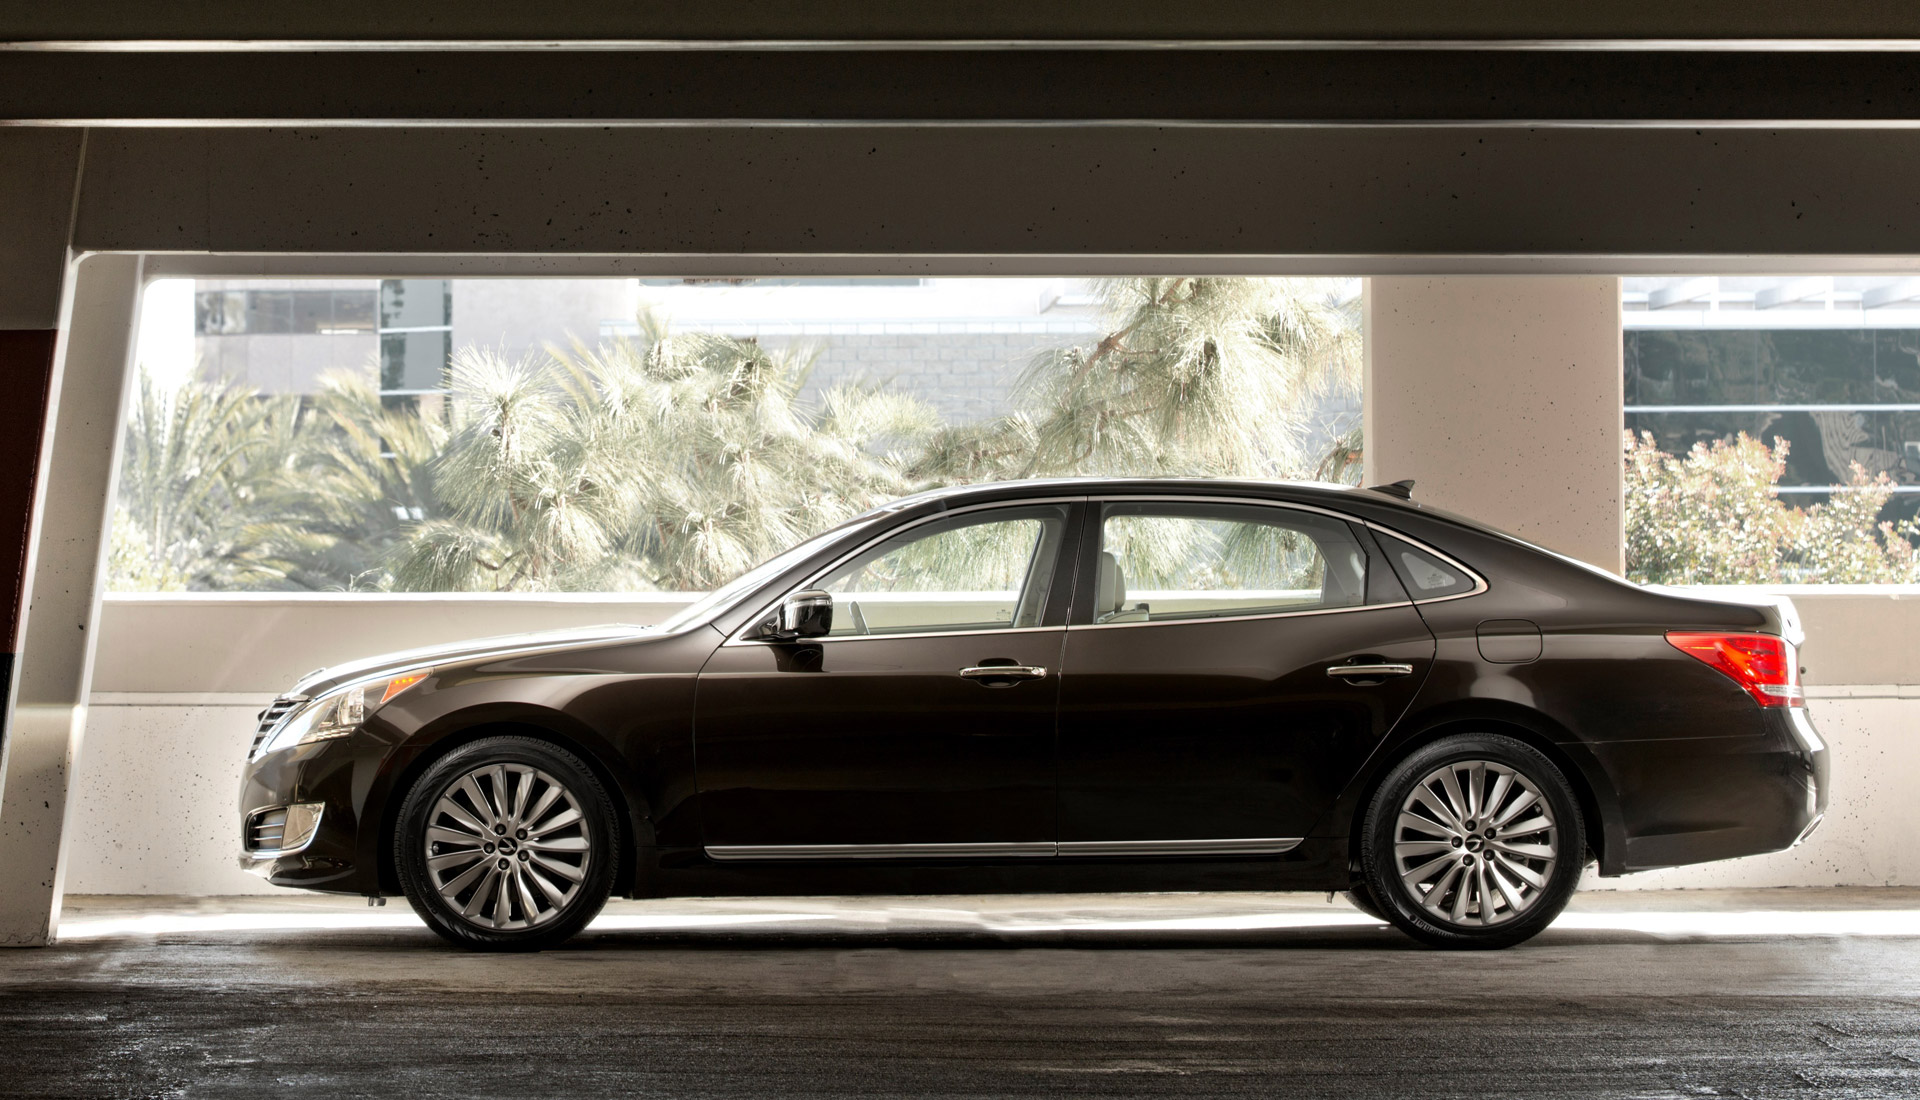 2016 Hyundai Equus Gets A Few Updates Ahead Of New Model S Arrival